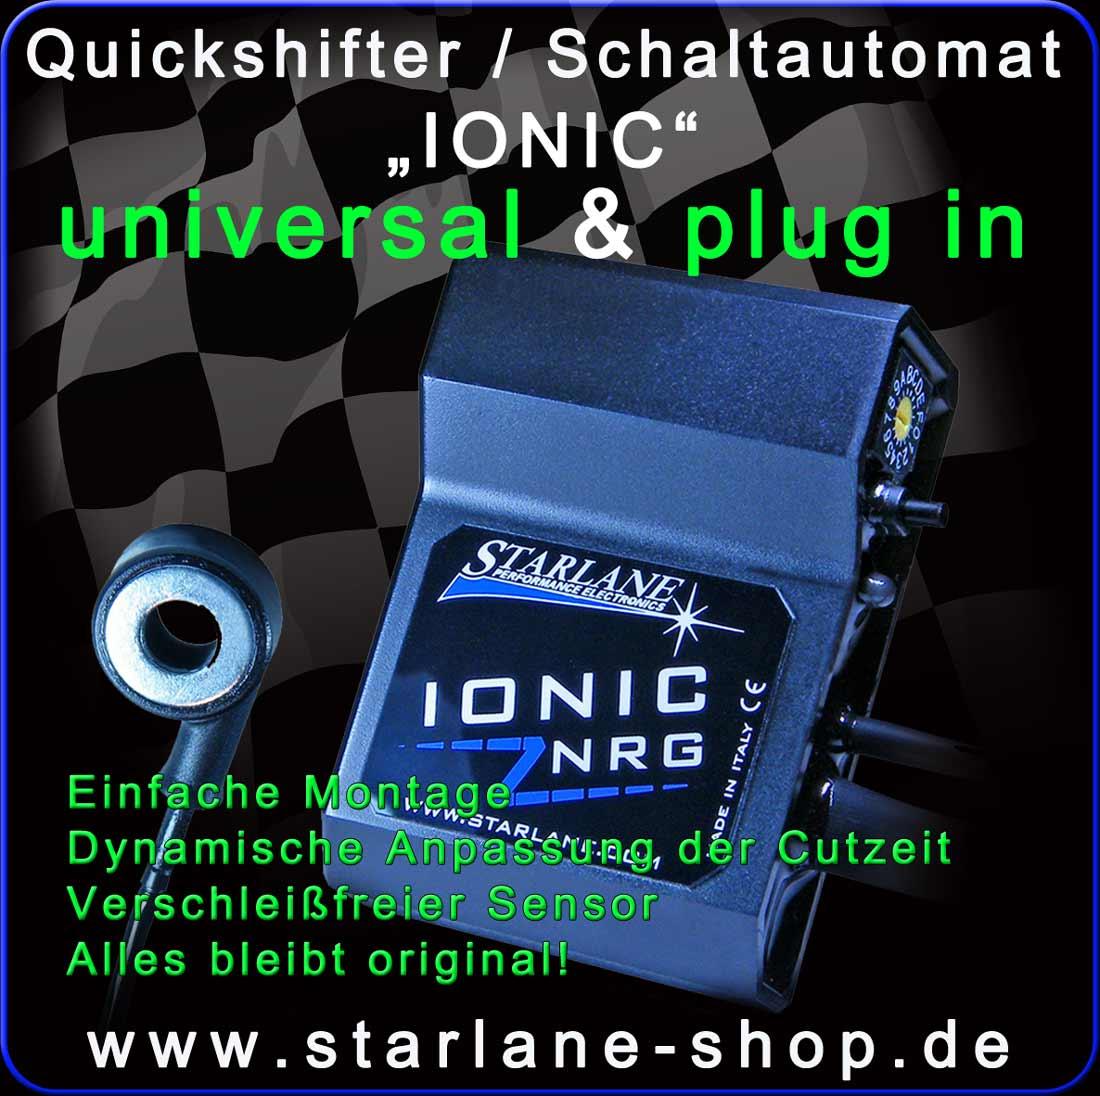 Quickshifter Schaltautomaten Für Motorräder Und Supermotos Easy